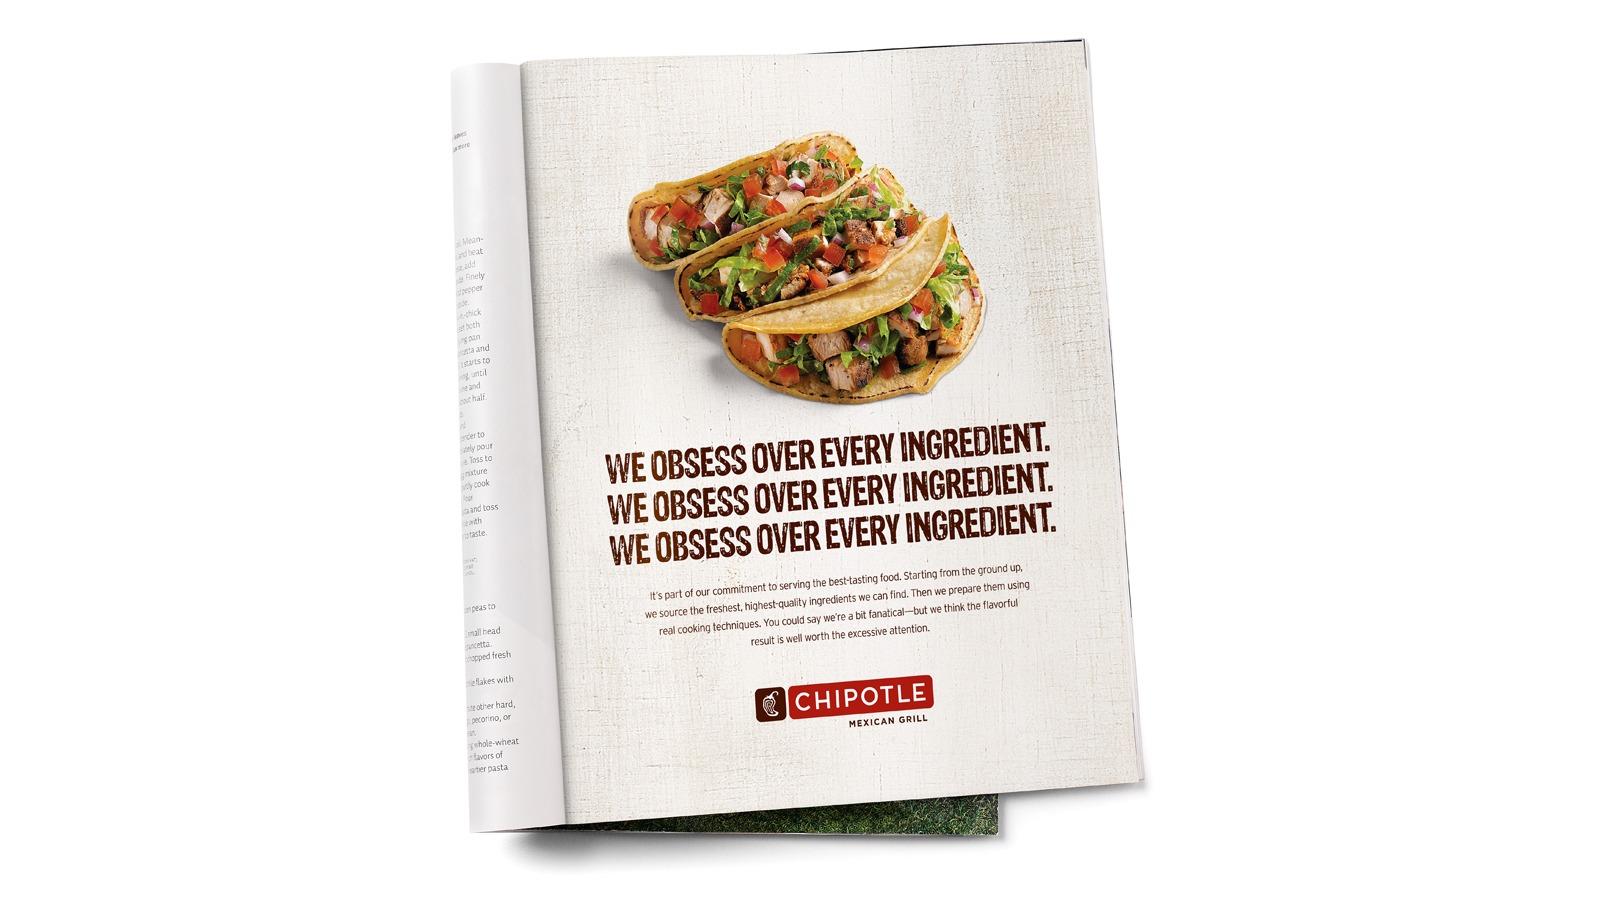 Chipotle magazine spread